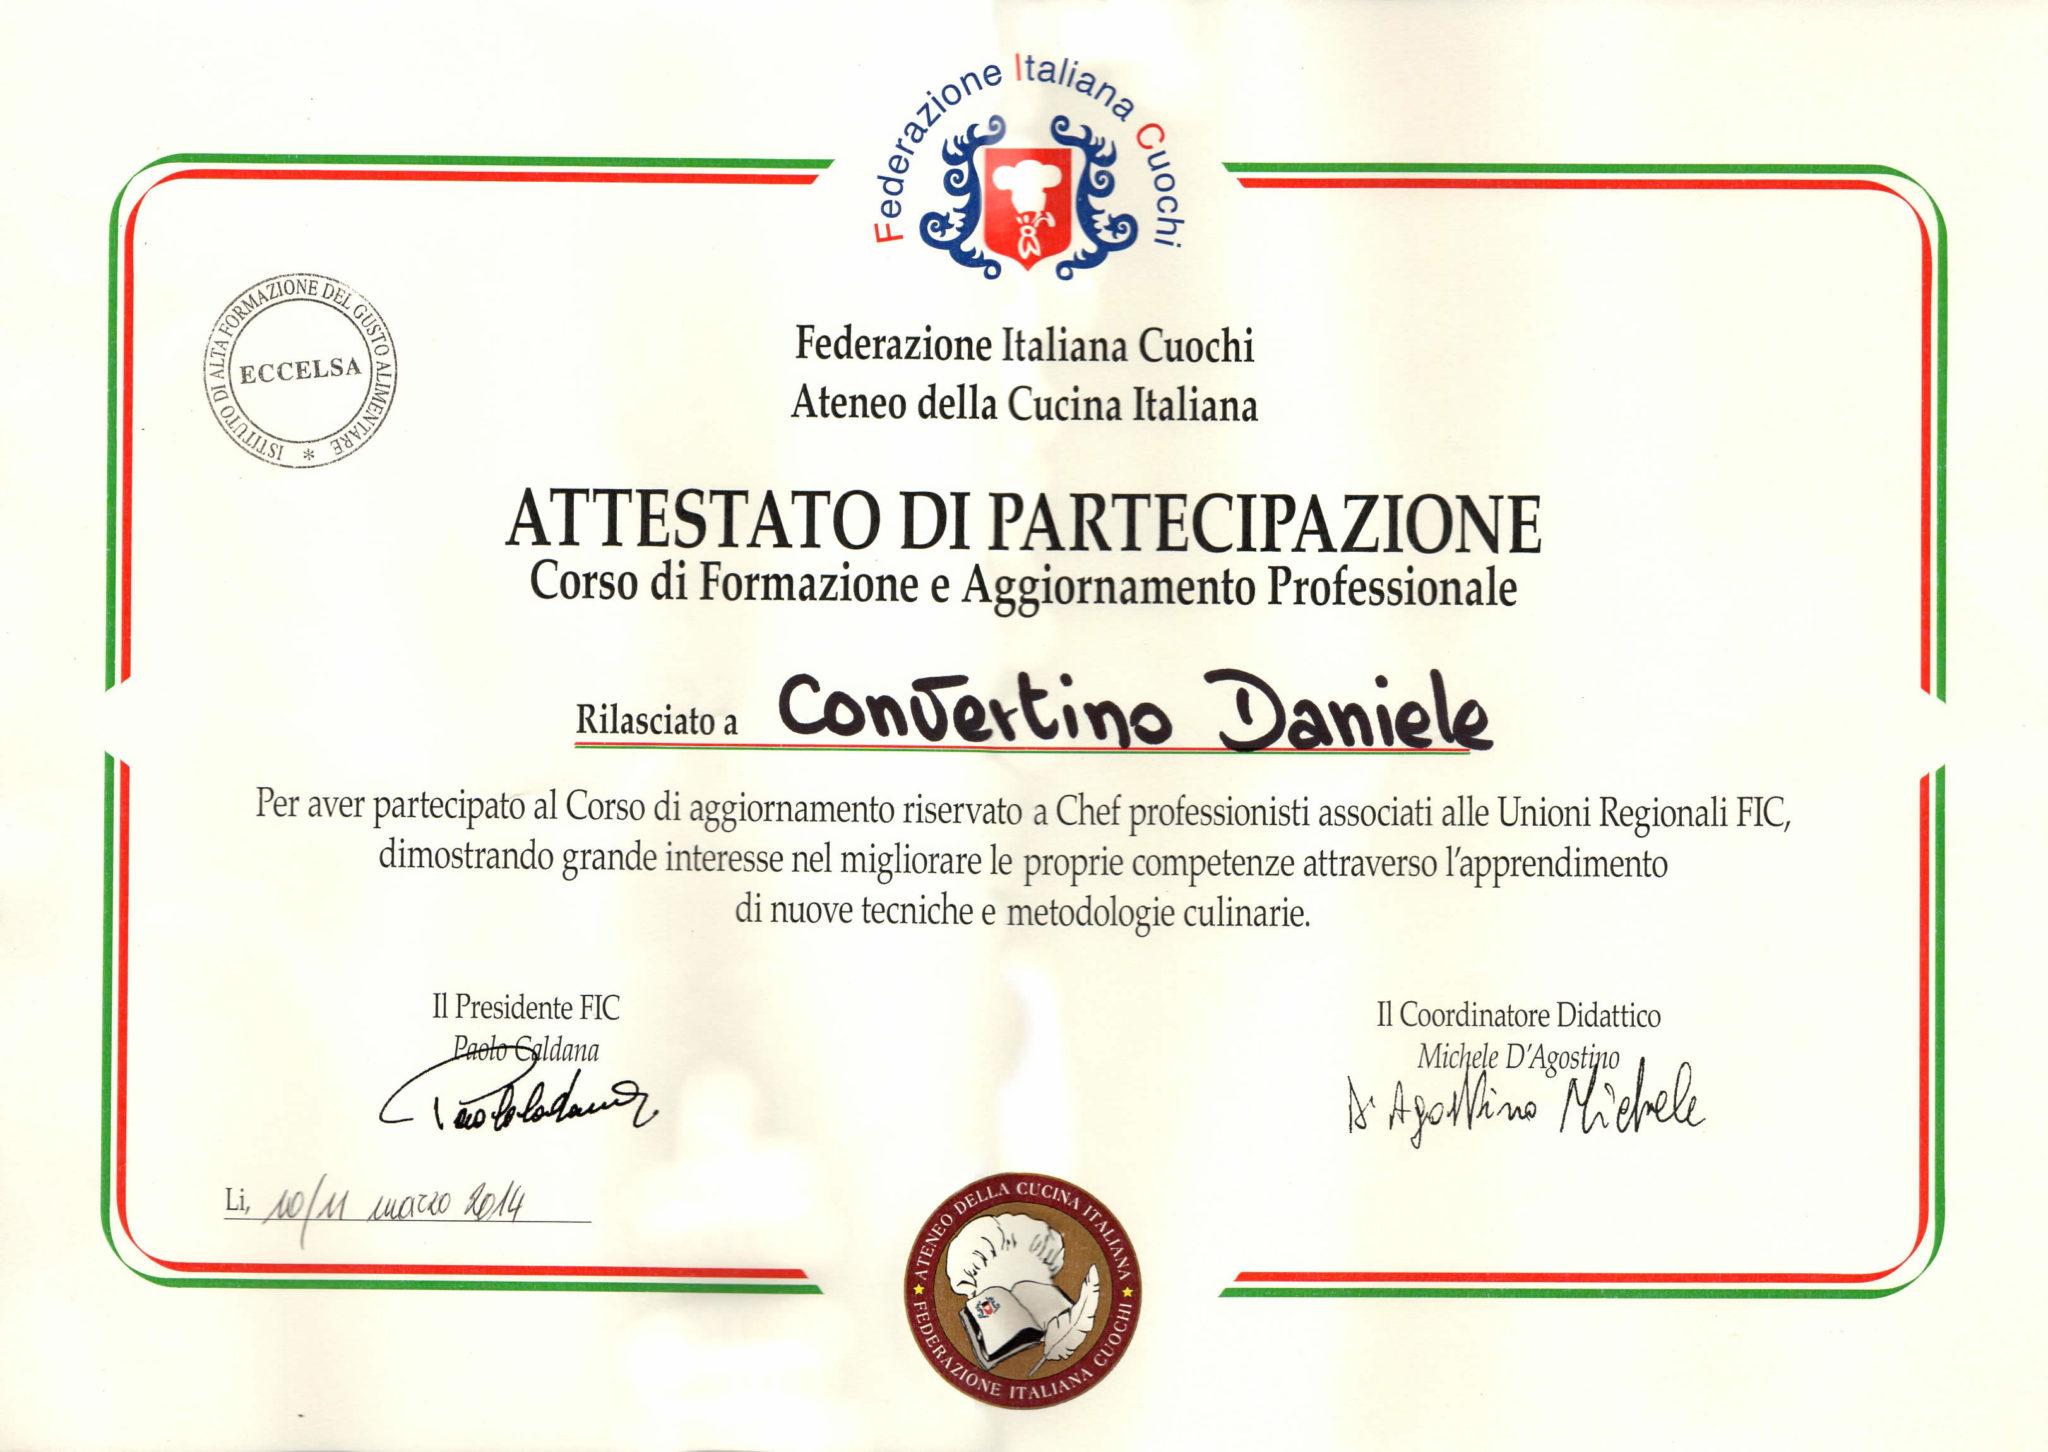 Attestato Federazione Italiana Cuochi